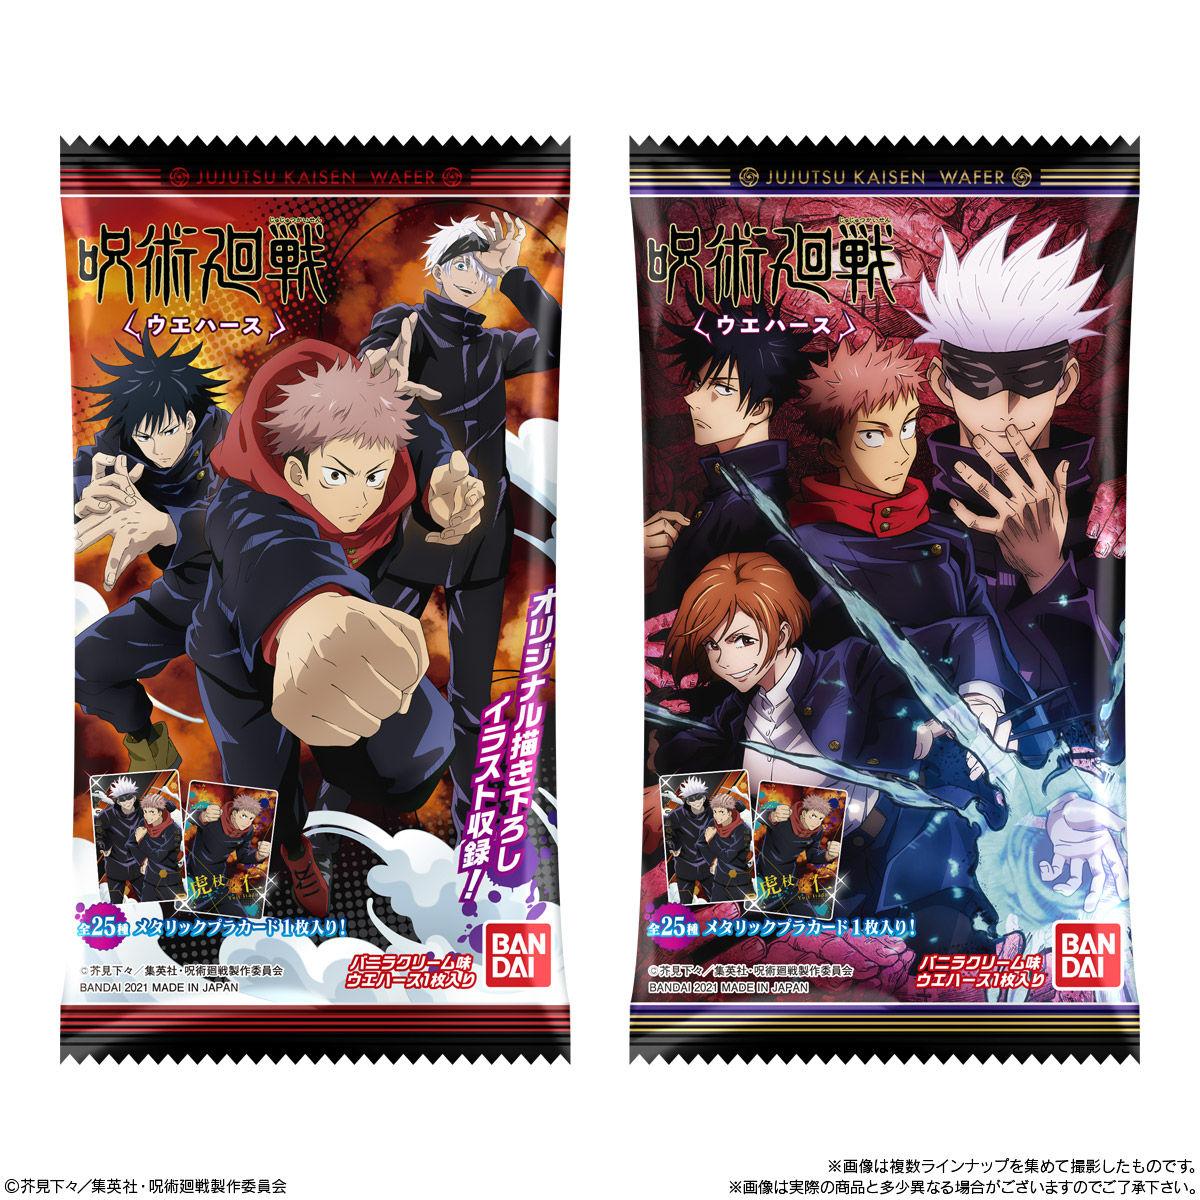 【食玩】呪術廻戦『呪術廻戦ウエハース』20個入りBOX-009